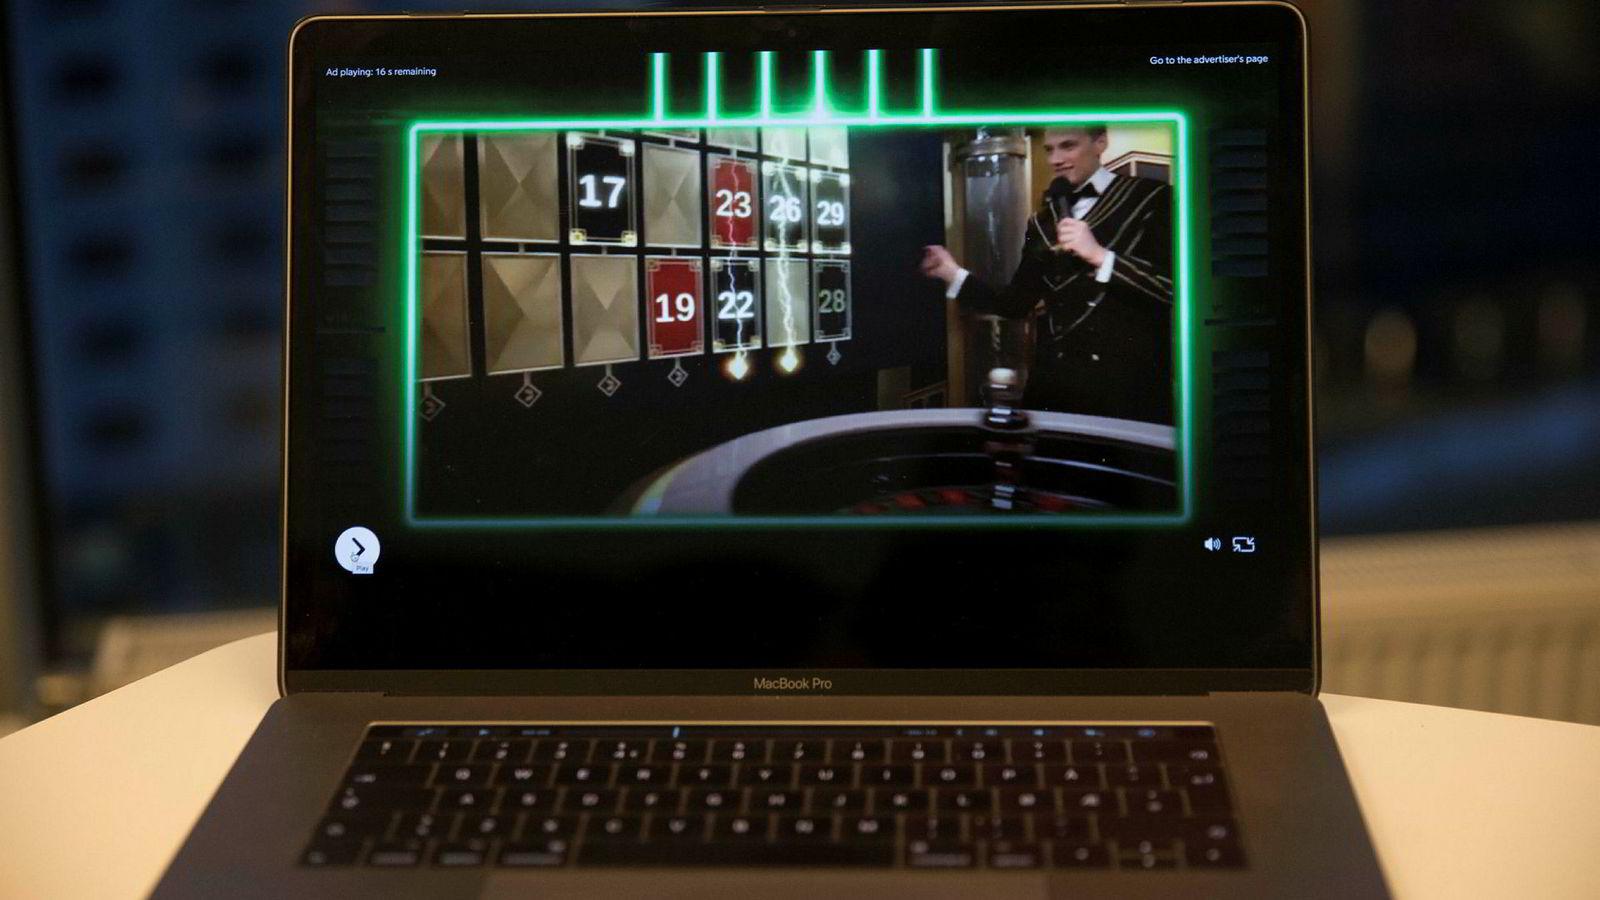 Utenlandske pengespill er forbudt i Norge. Reklamen retter seg mot de gruppene som er mest utsatt for å utvikle spilleavhengighet, skriver innleggsforfatterne.